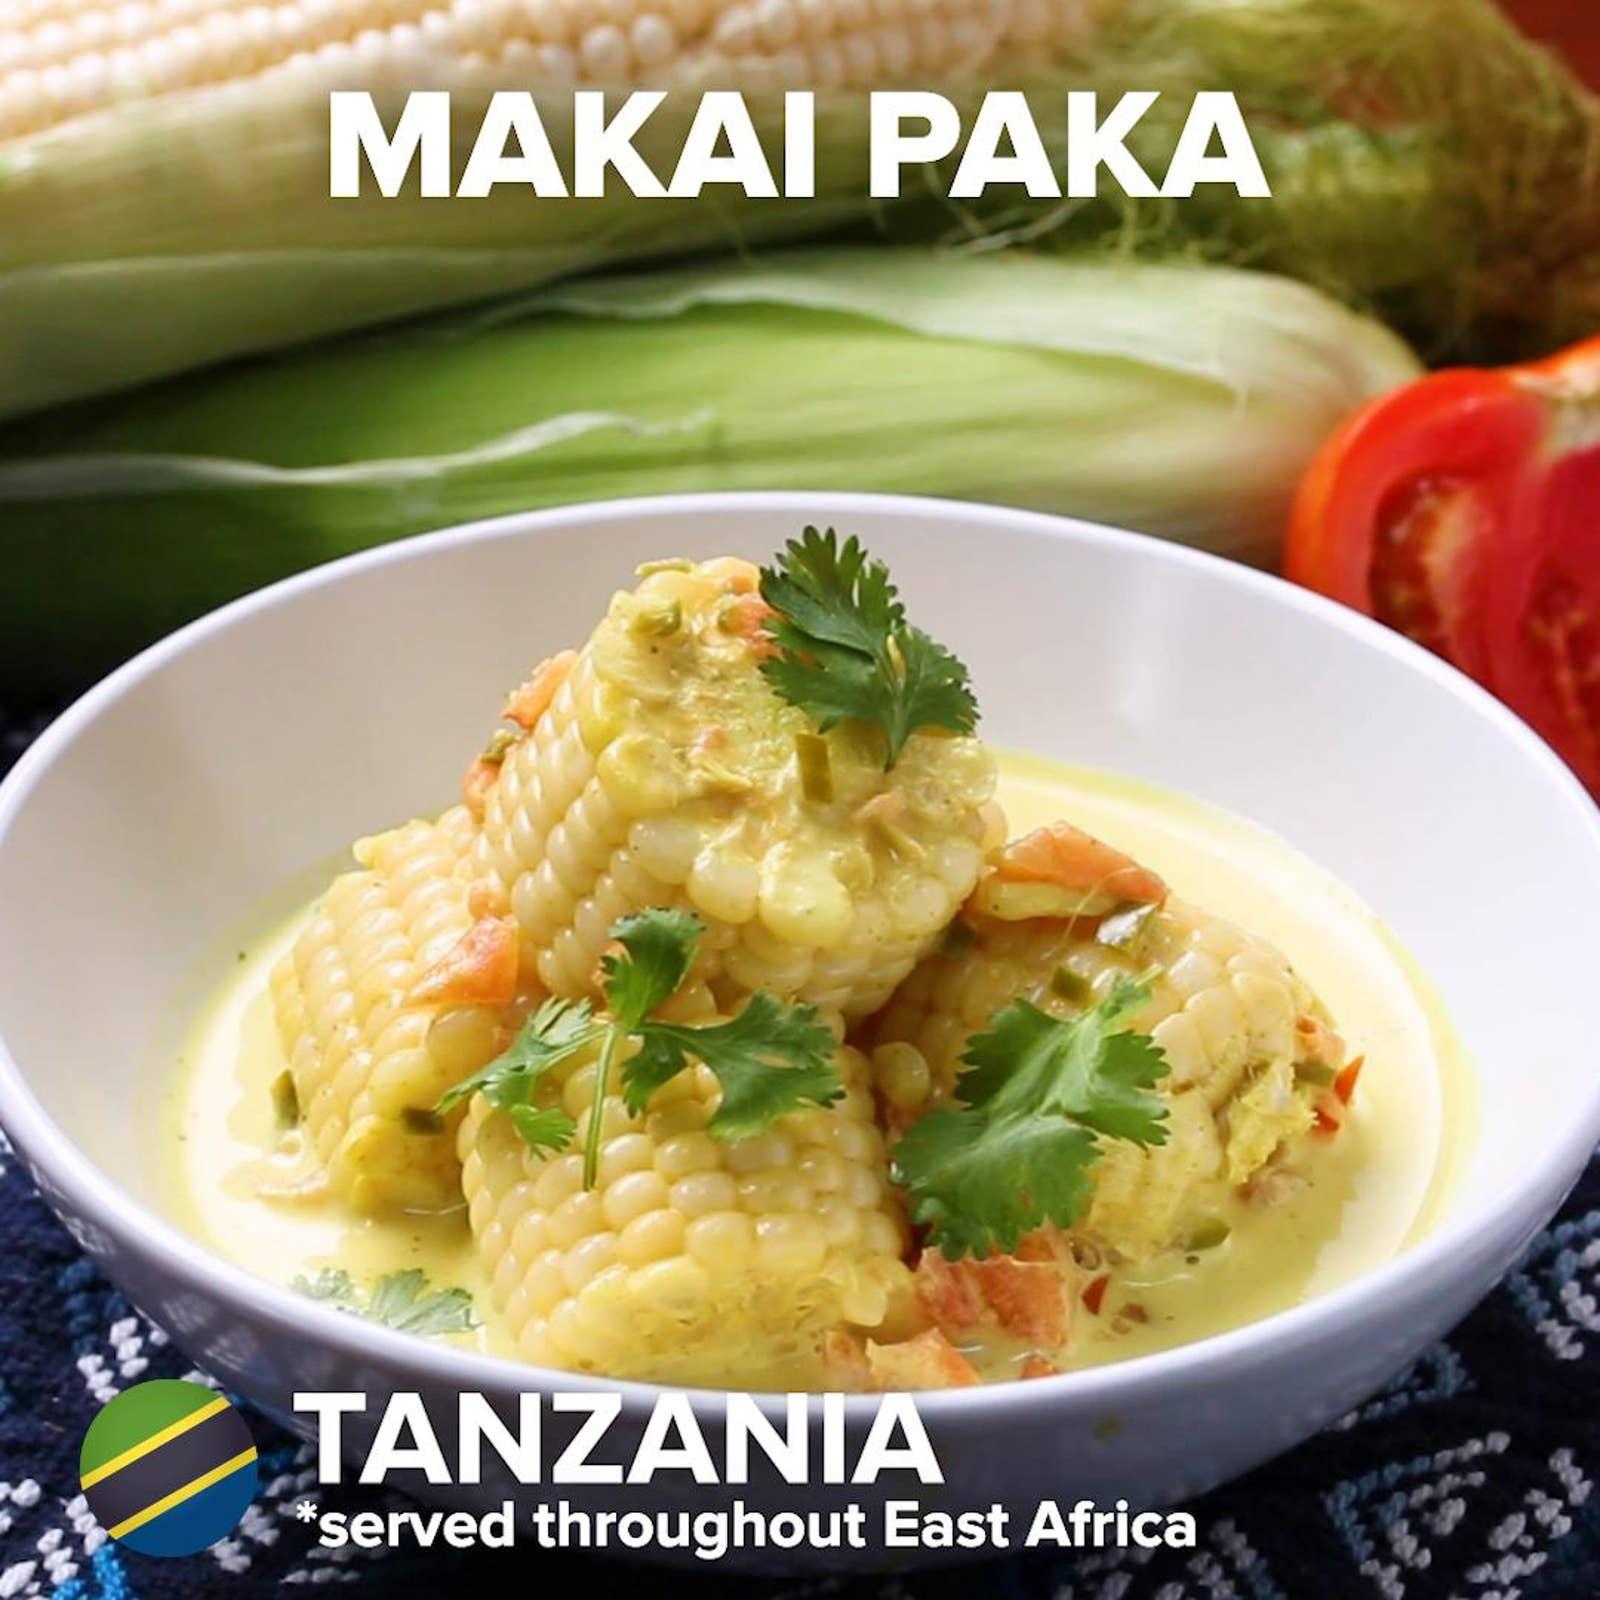 Makai Paka (East Africa)